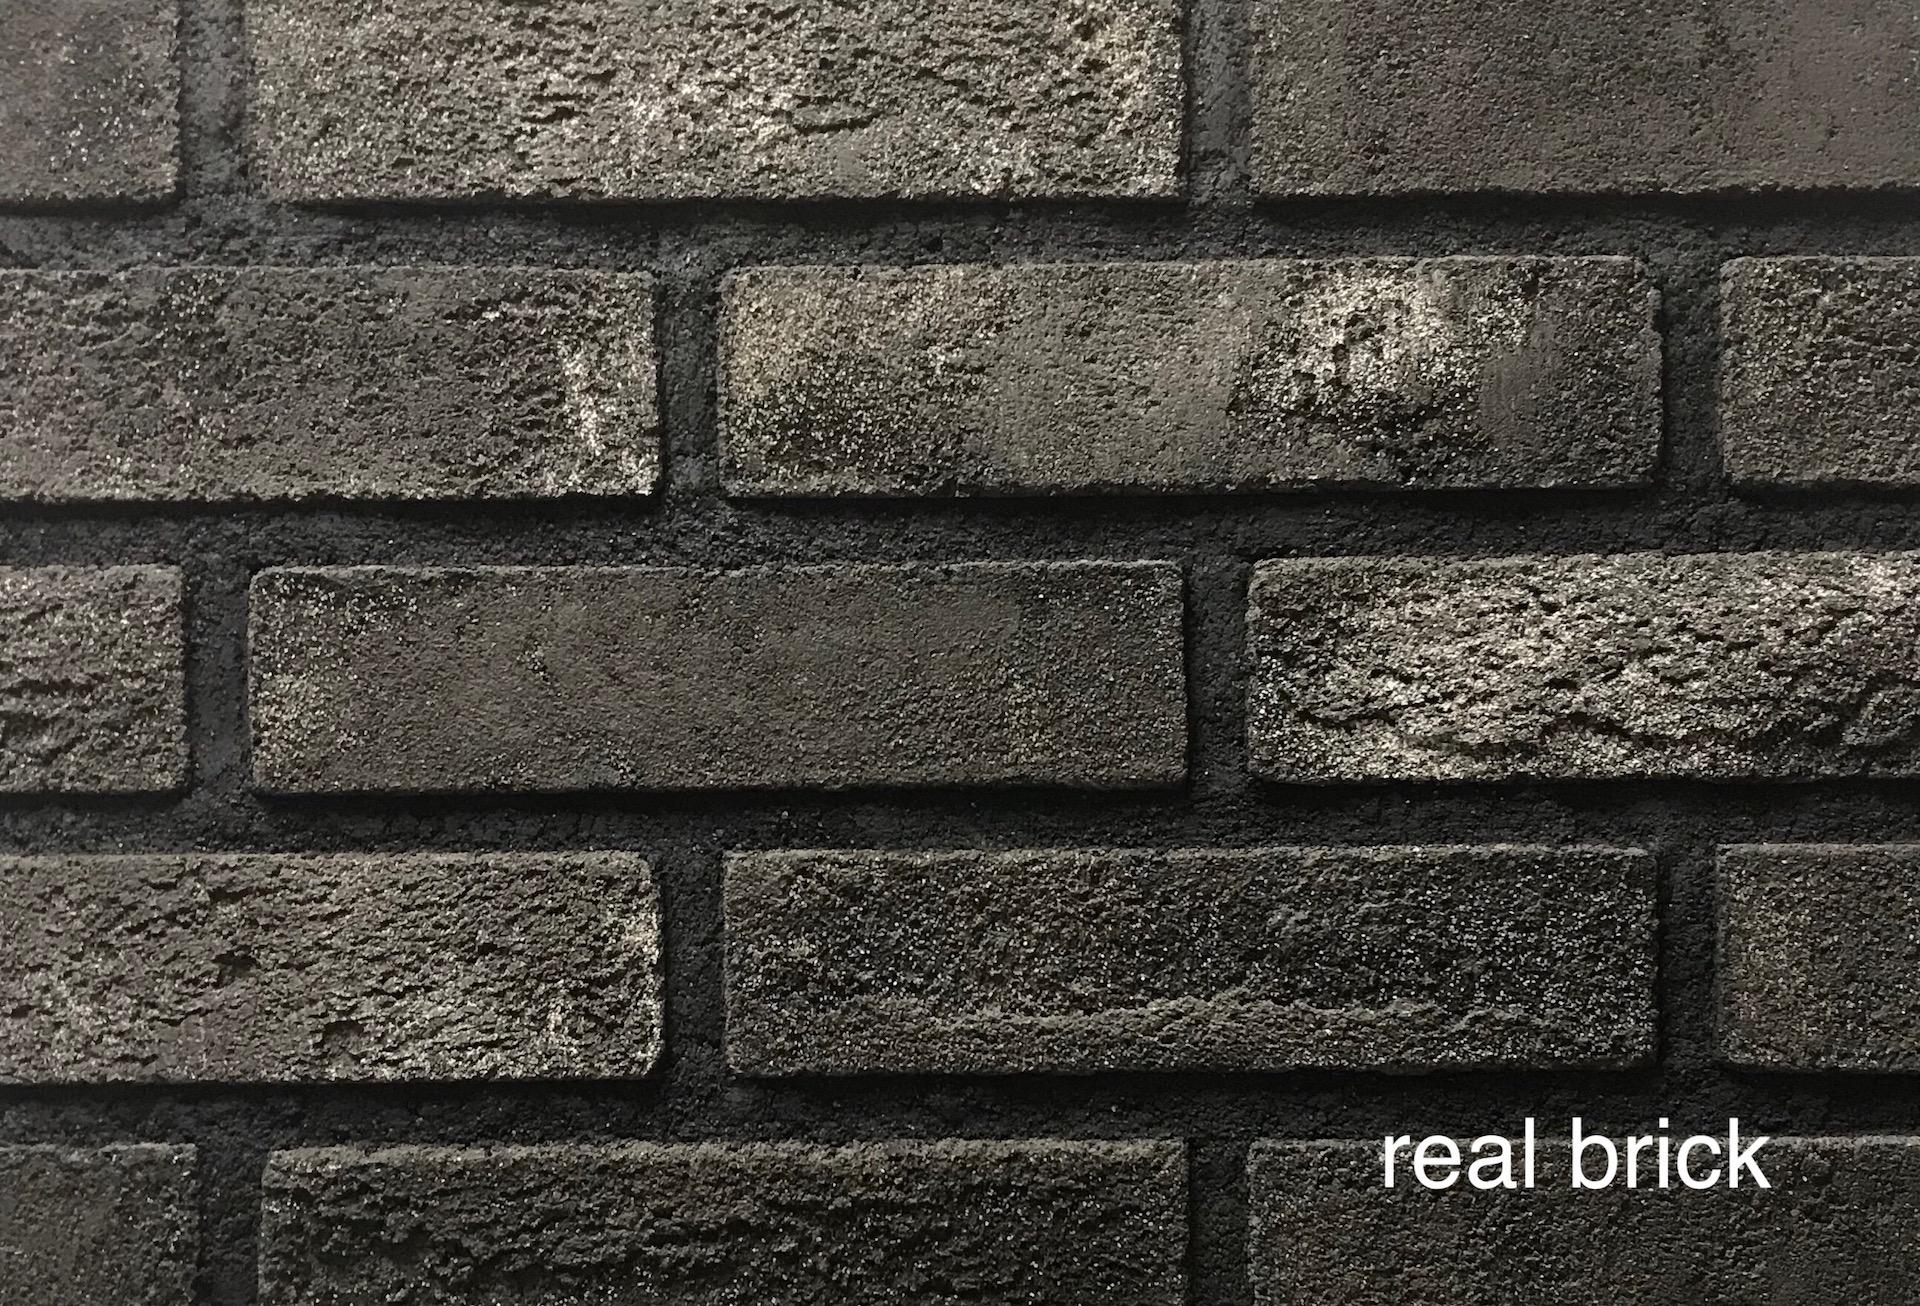 Real brick 2